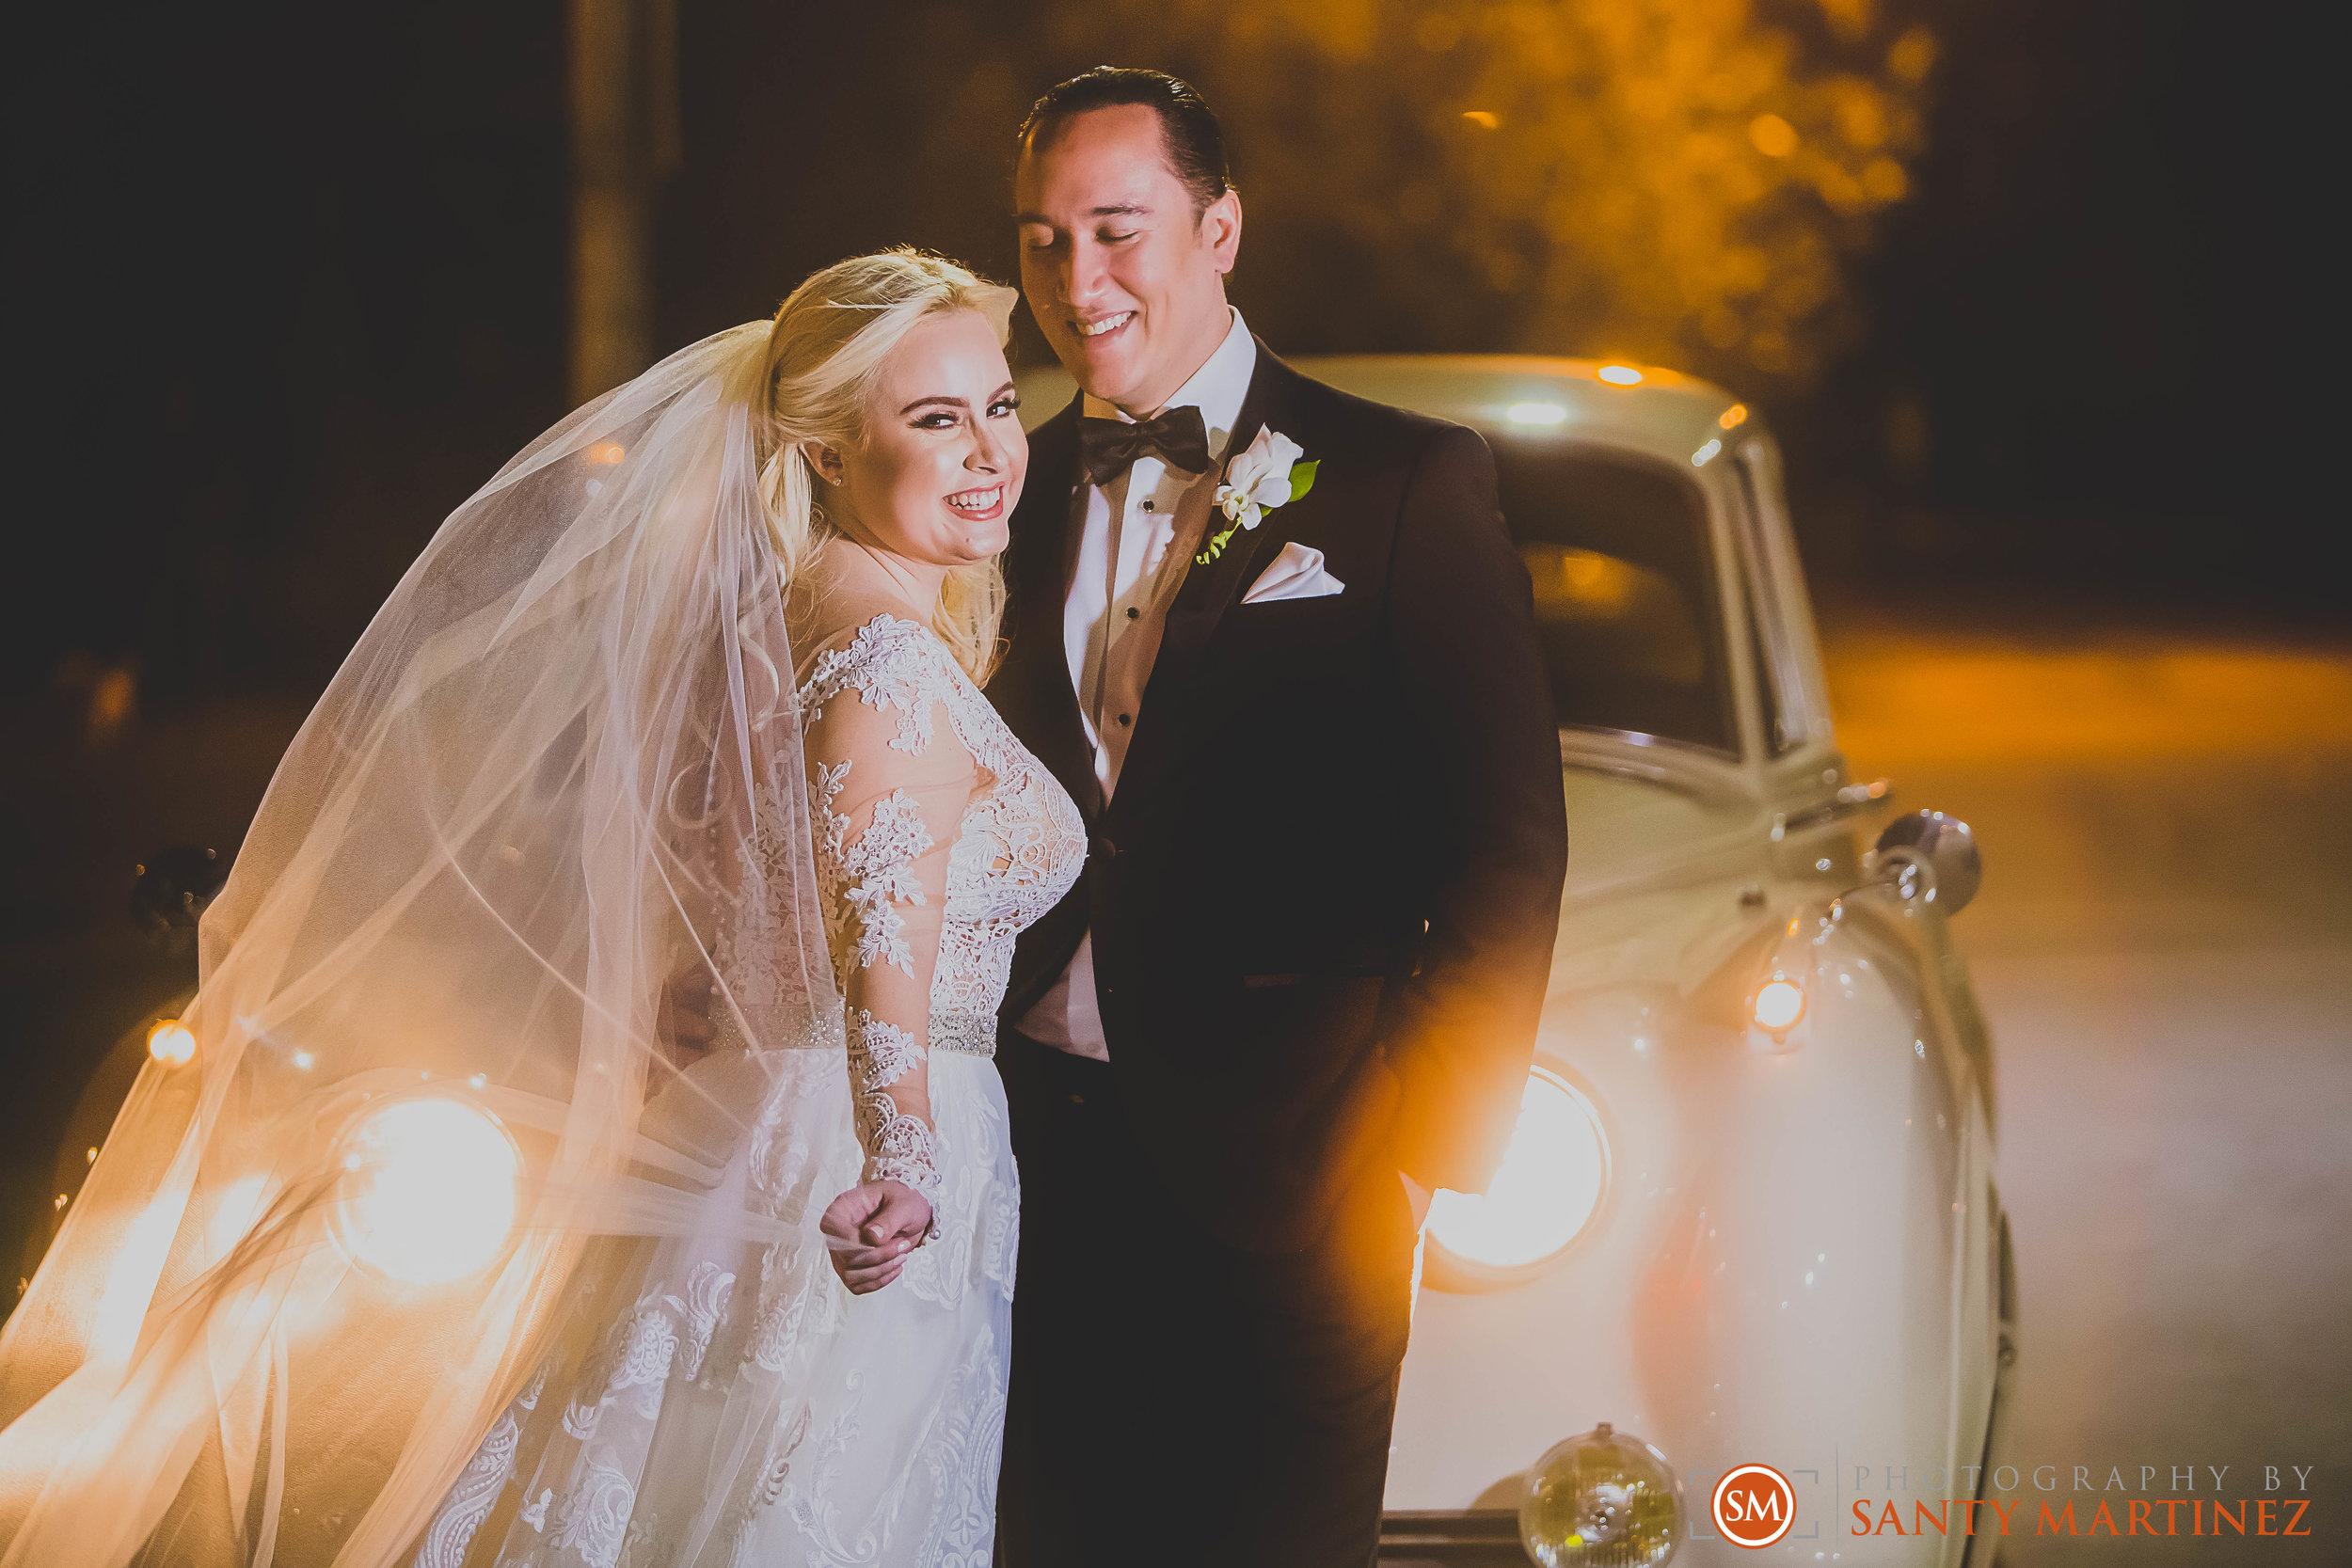 Wedding - W Hotel - St Patrick Miami Beach - Santy Martinez Photography-28.jpg